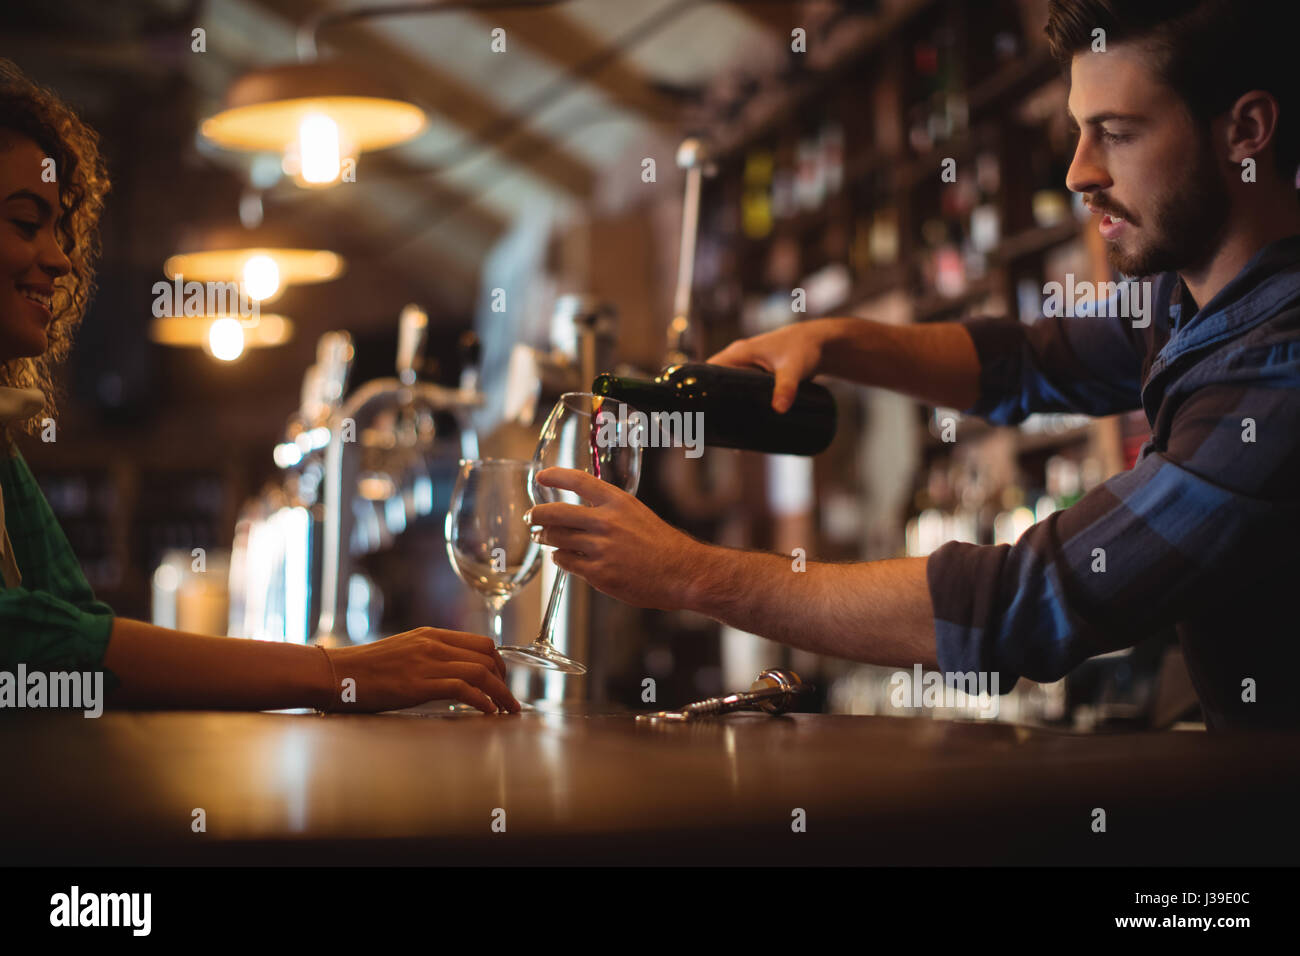 Offres bar mâle de verser le vin dans les verres au comptoir du bar Photo Stock